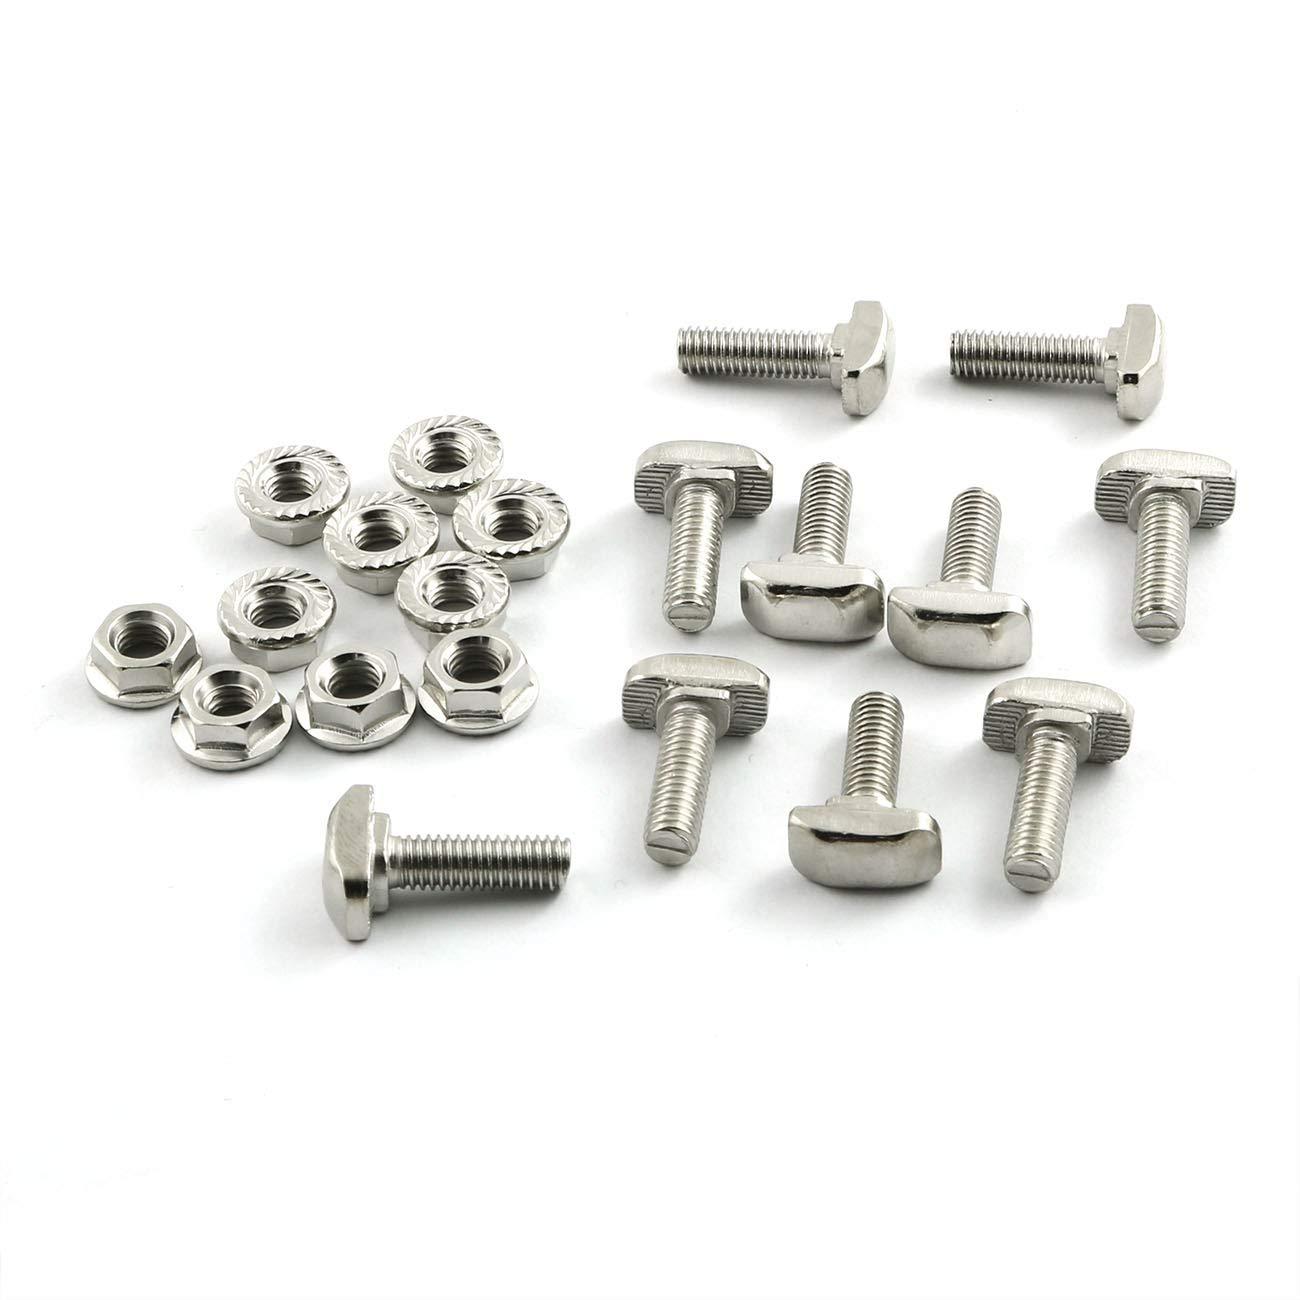 PZRT 10pcs M6 x 20mm Hammer Finally resale start Screw Head Bolt Hexagon T store